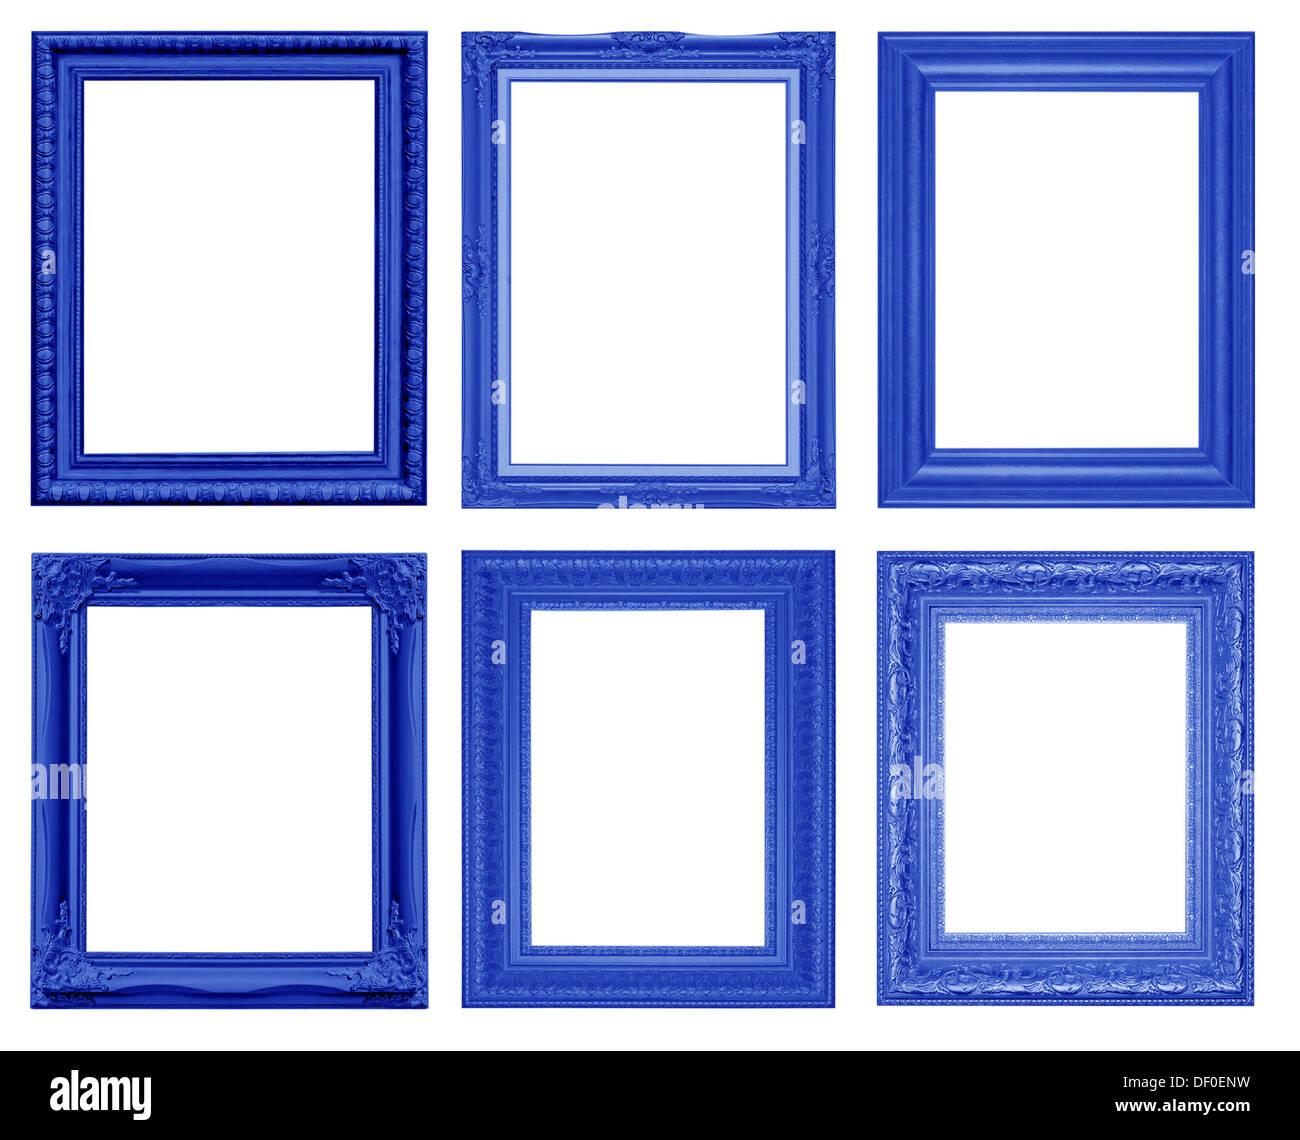 Set of vintage frame isolated on white background - Stock Image